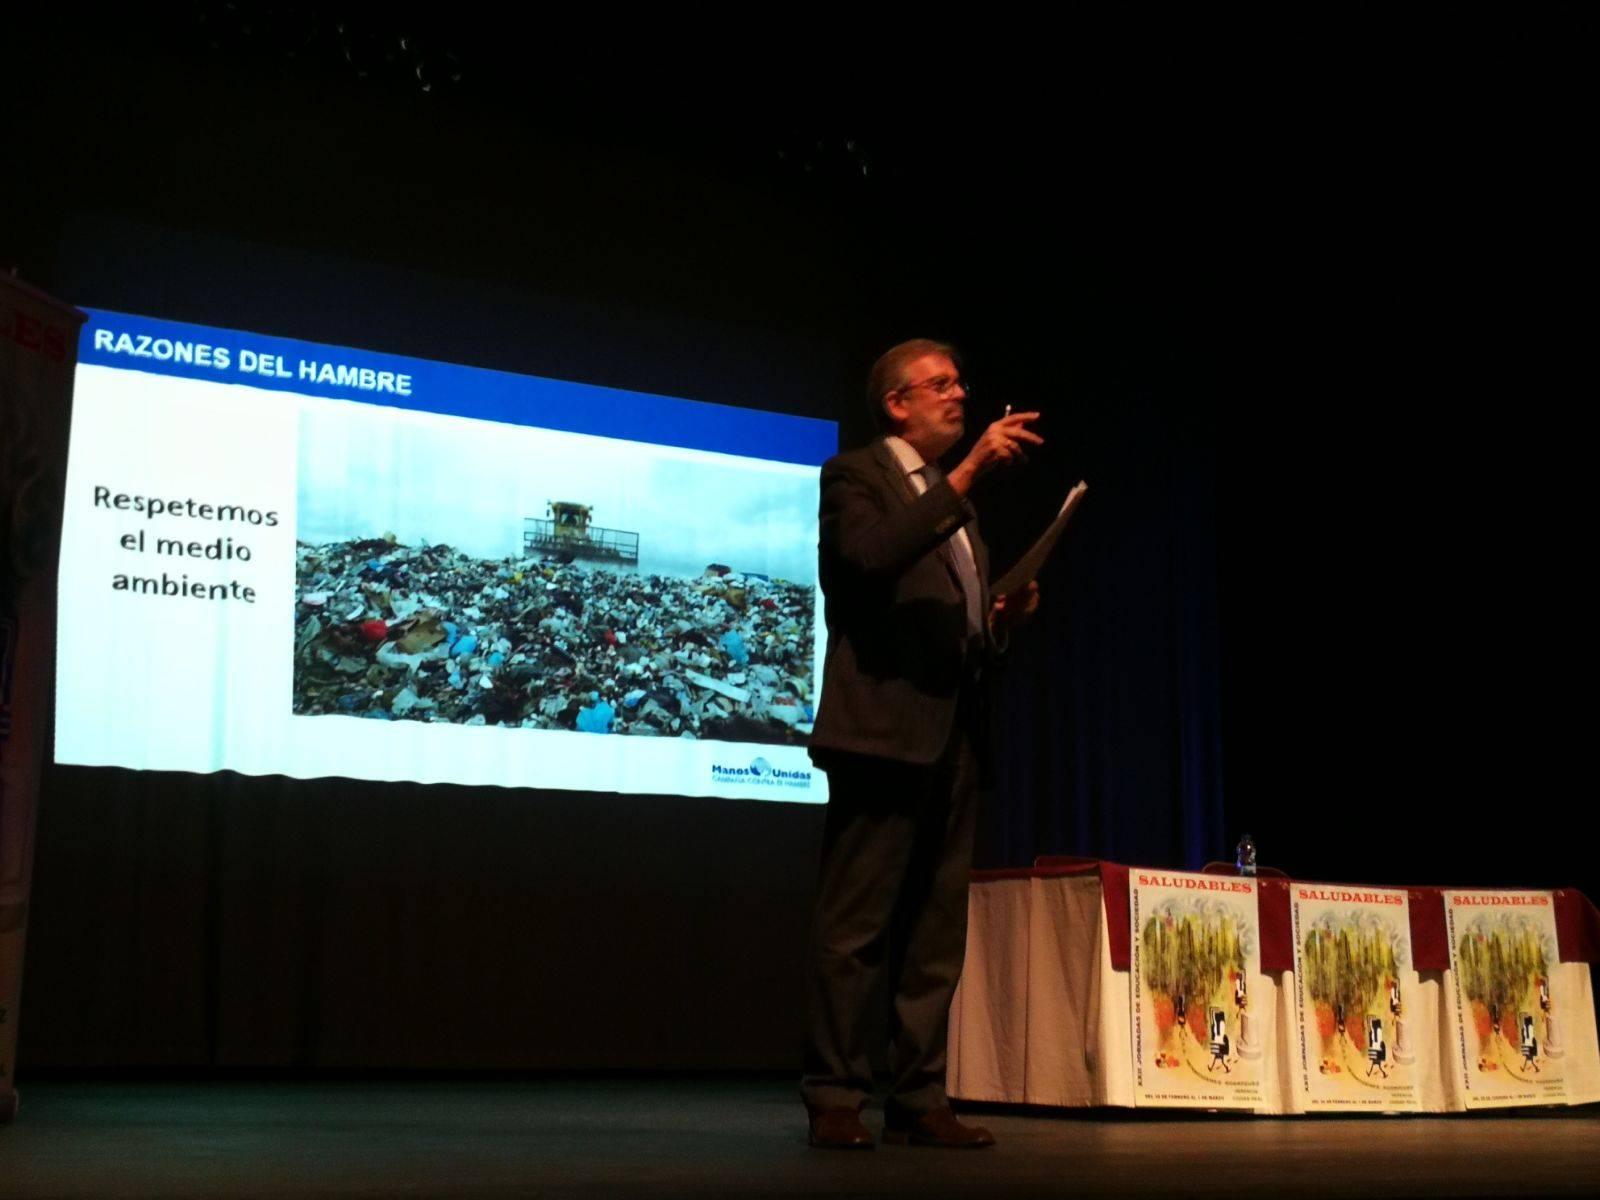 """4ª Jornada: XXII Jornadas de Educaciones y Sociedad """"Saludables"""" 11"""